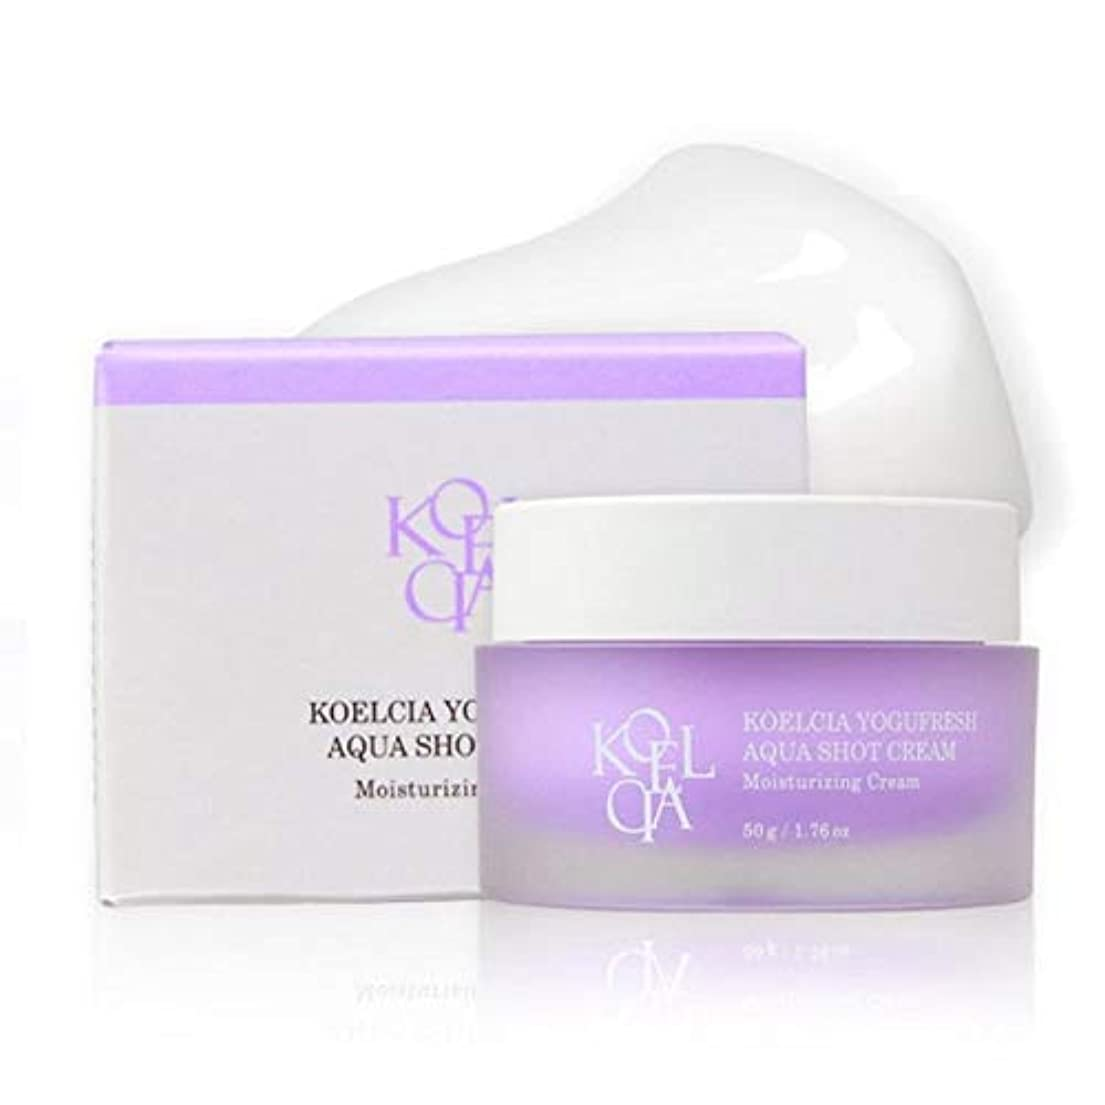 導入するチラチラする遮るKOELCIA YOGUFRESH AQUA SHOT CREAM 50g/Hot K-Beauty Best Moisture Cream/Korea Cosmetics [並行輸入品]